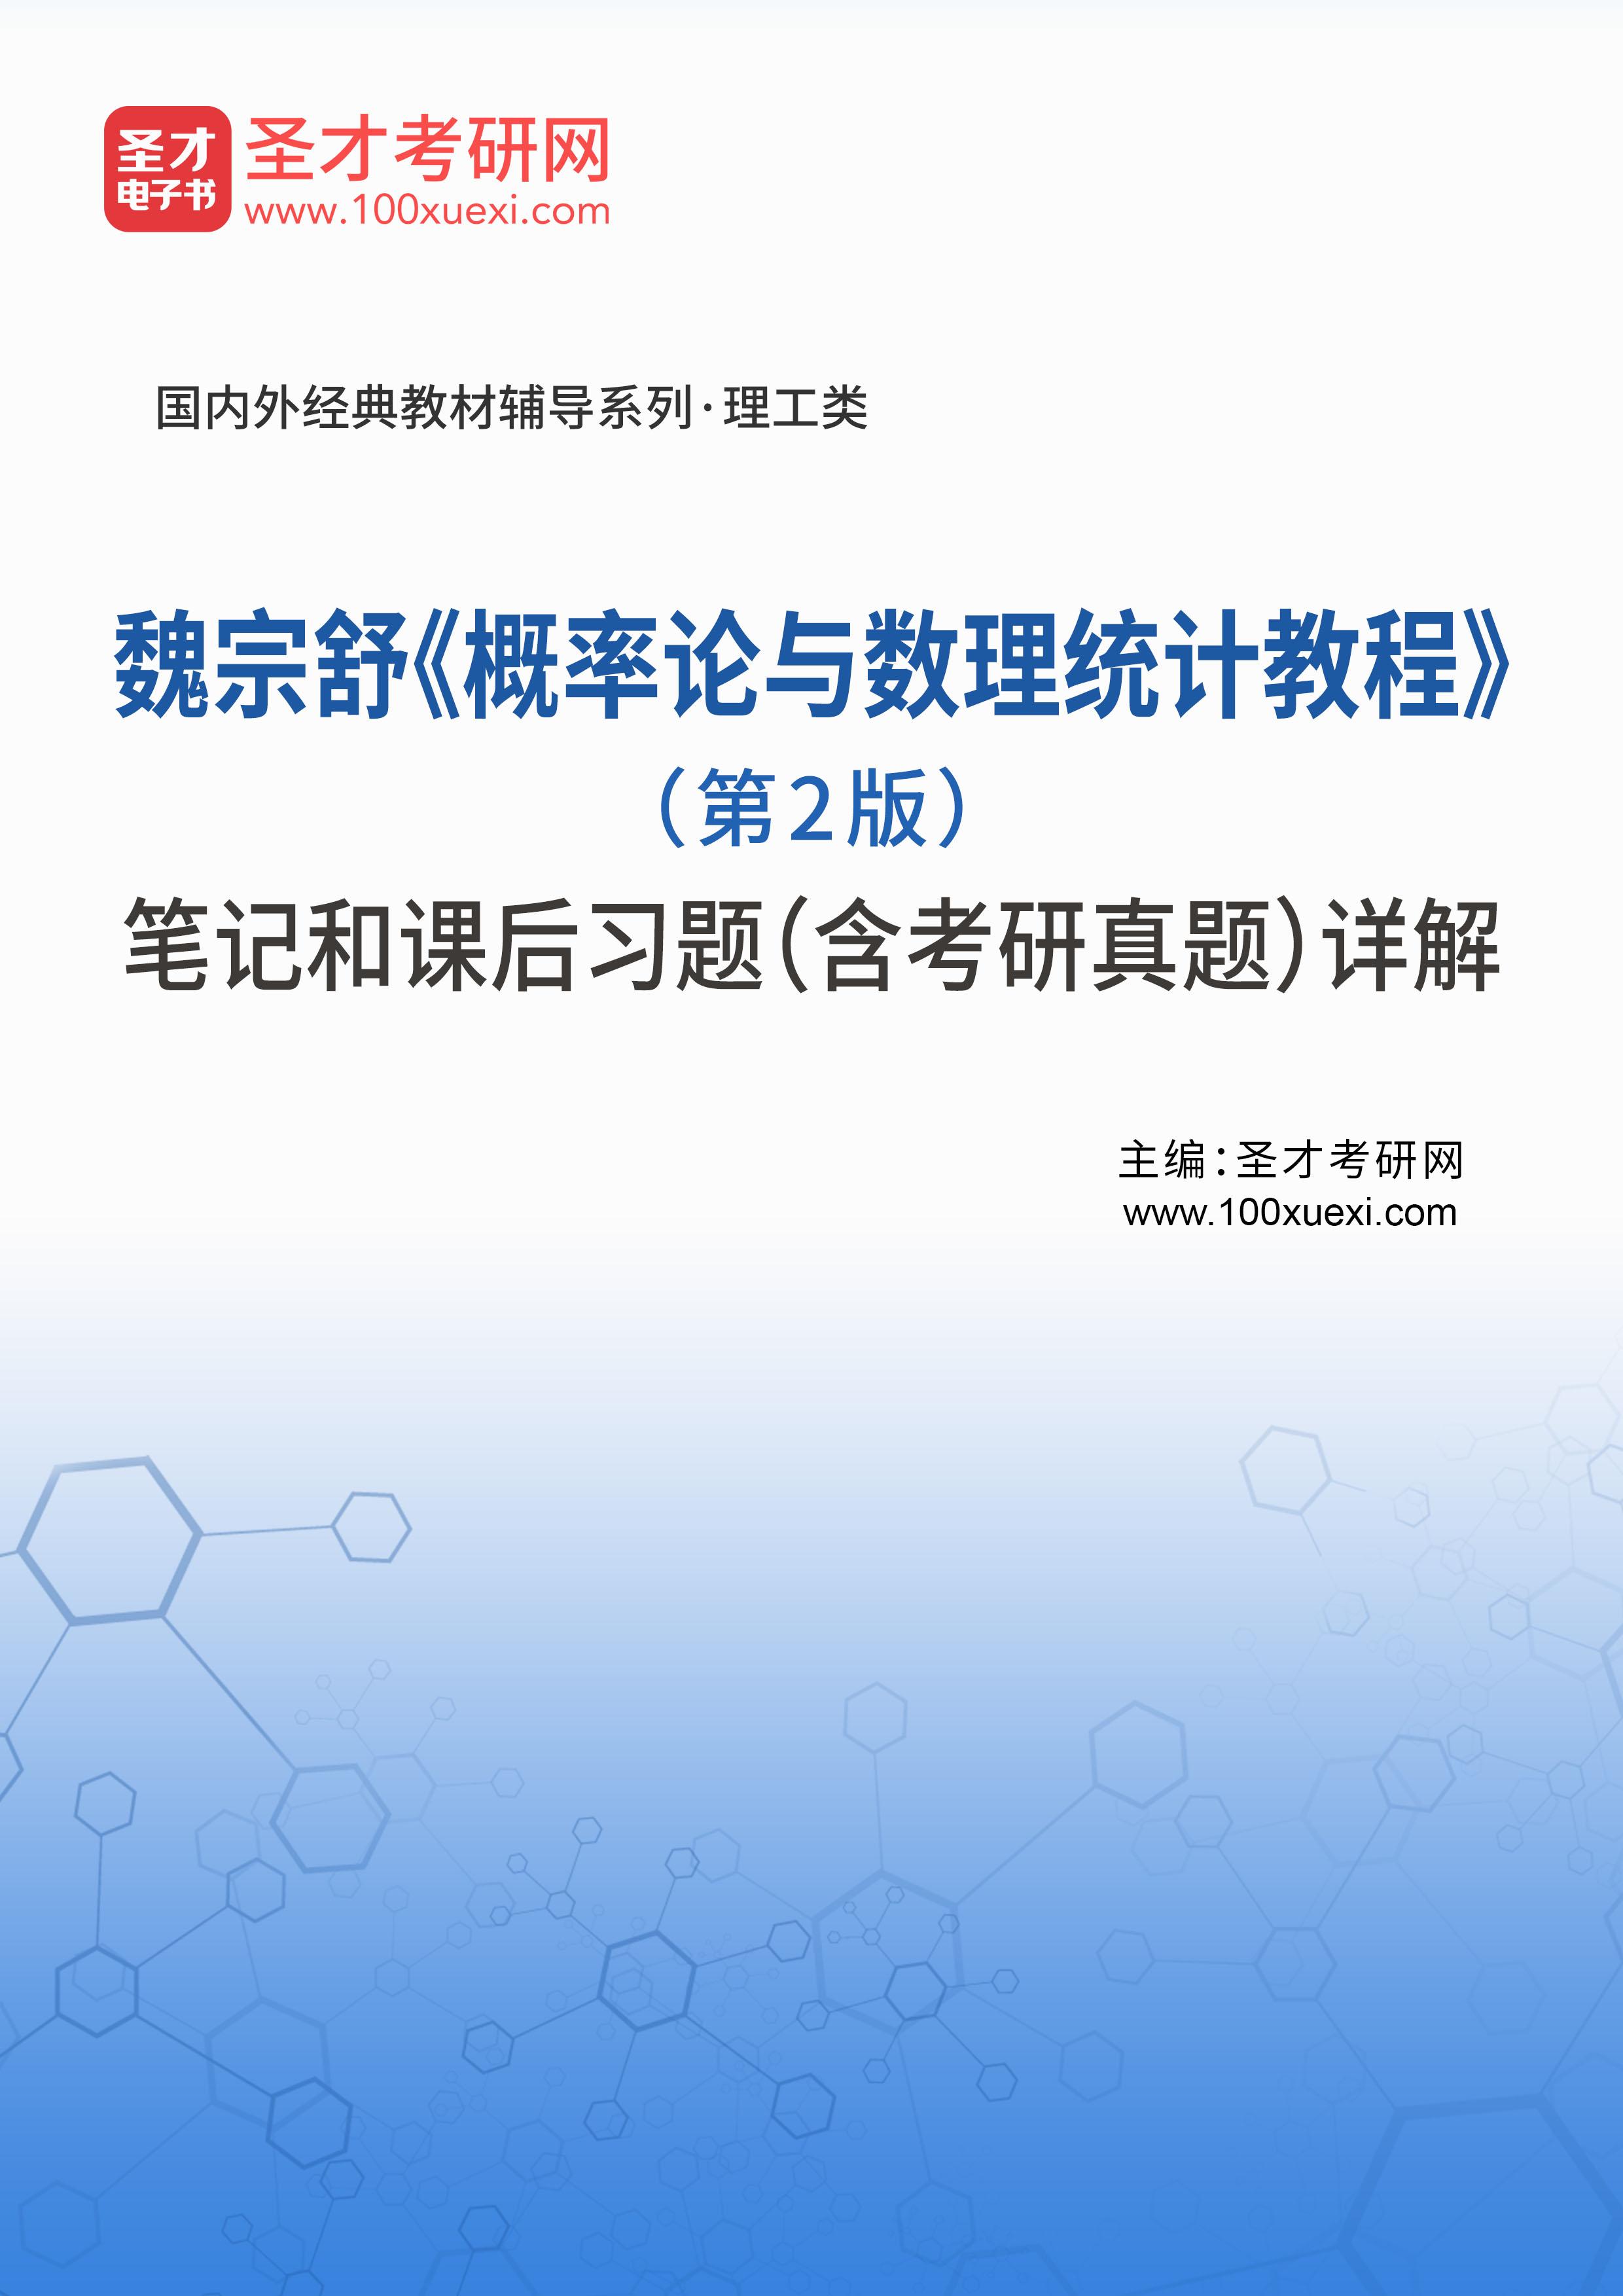 魏宗舒《概率论与数理统计教程》(第2版)笔记和课后习题(含考研真题)详解